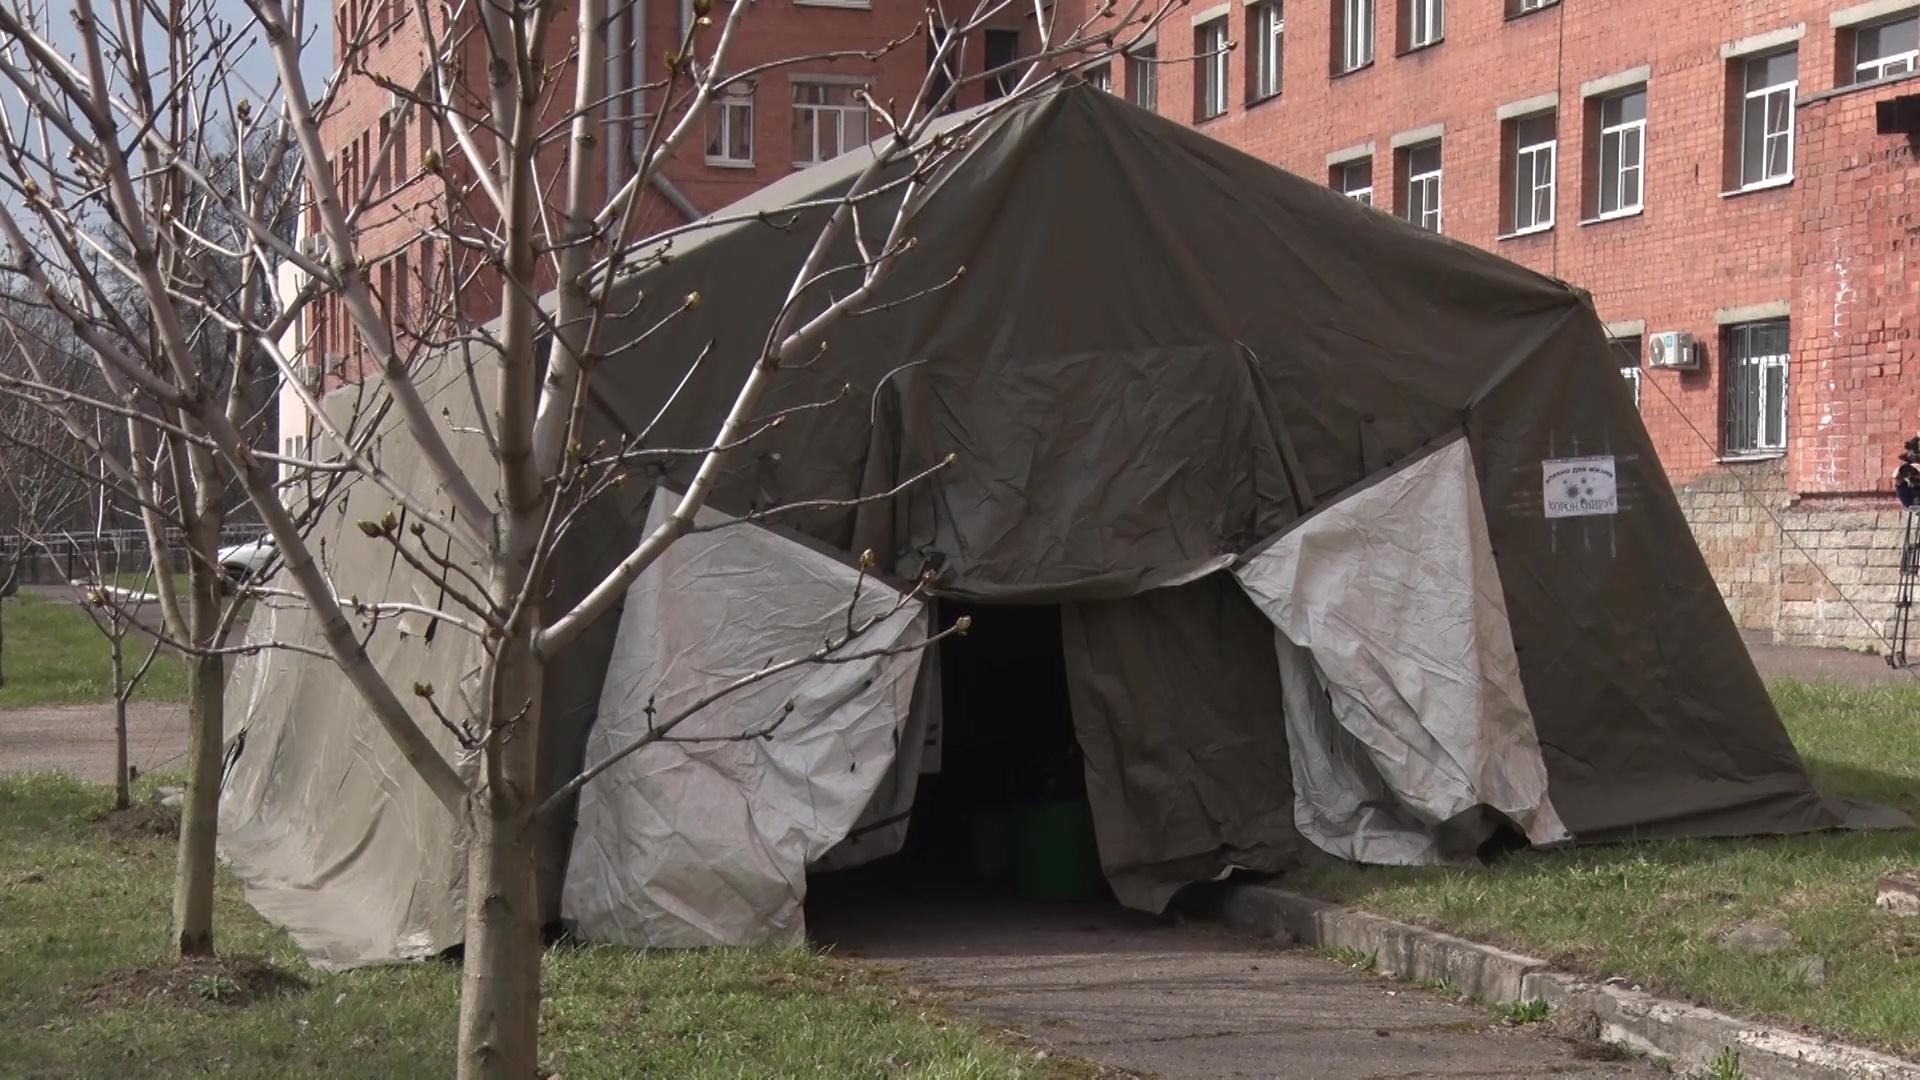 У госпиталя ветеранов войн поставили палатку для дезинфекции